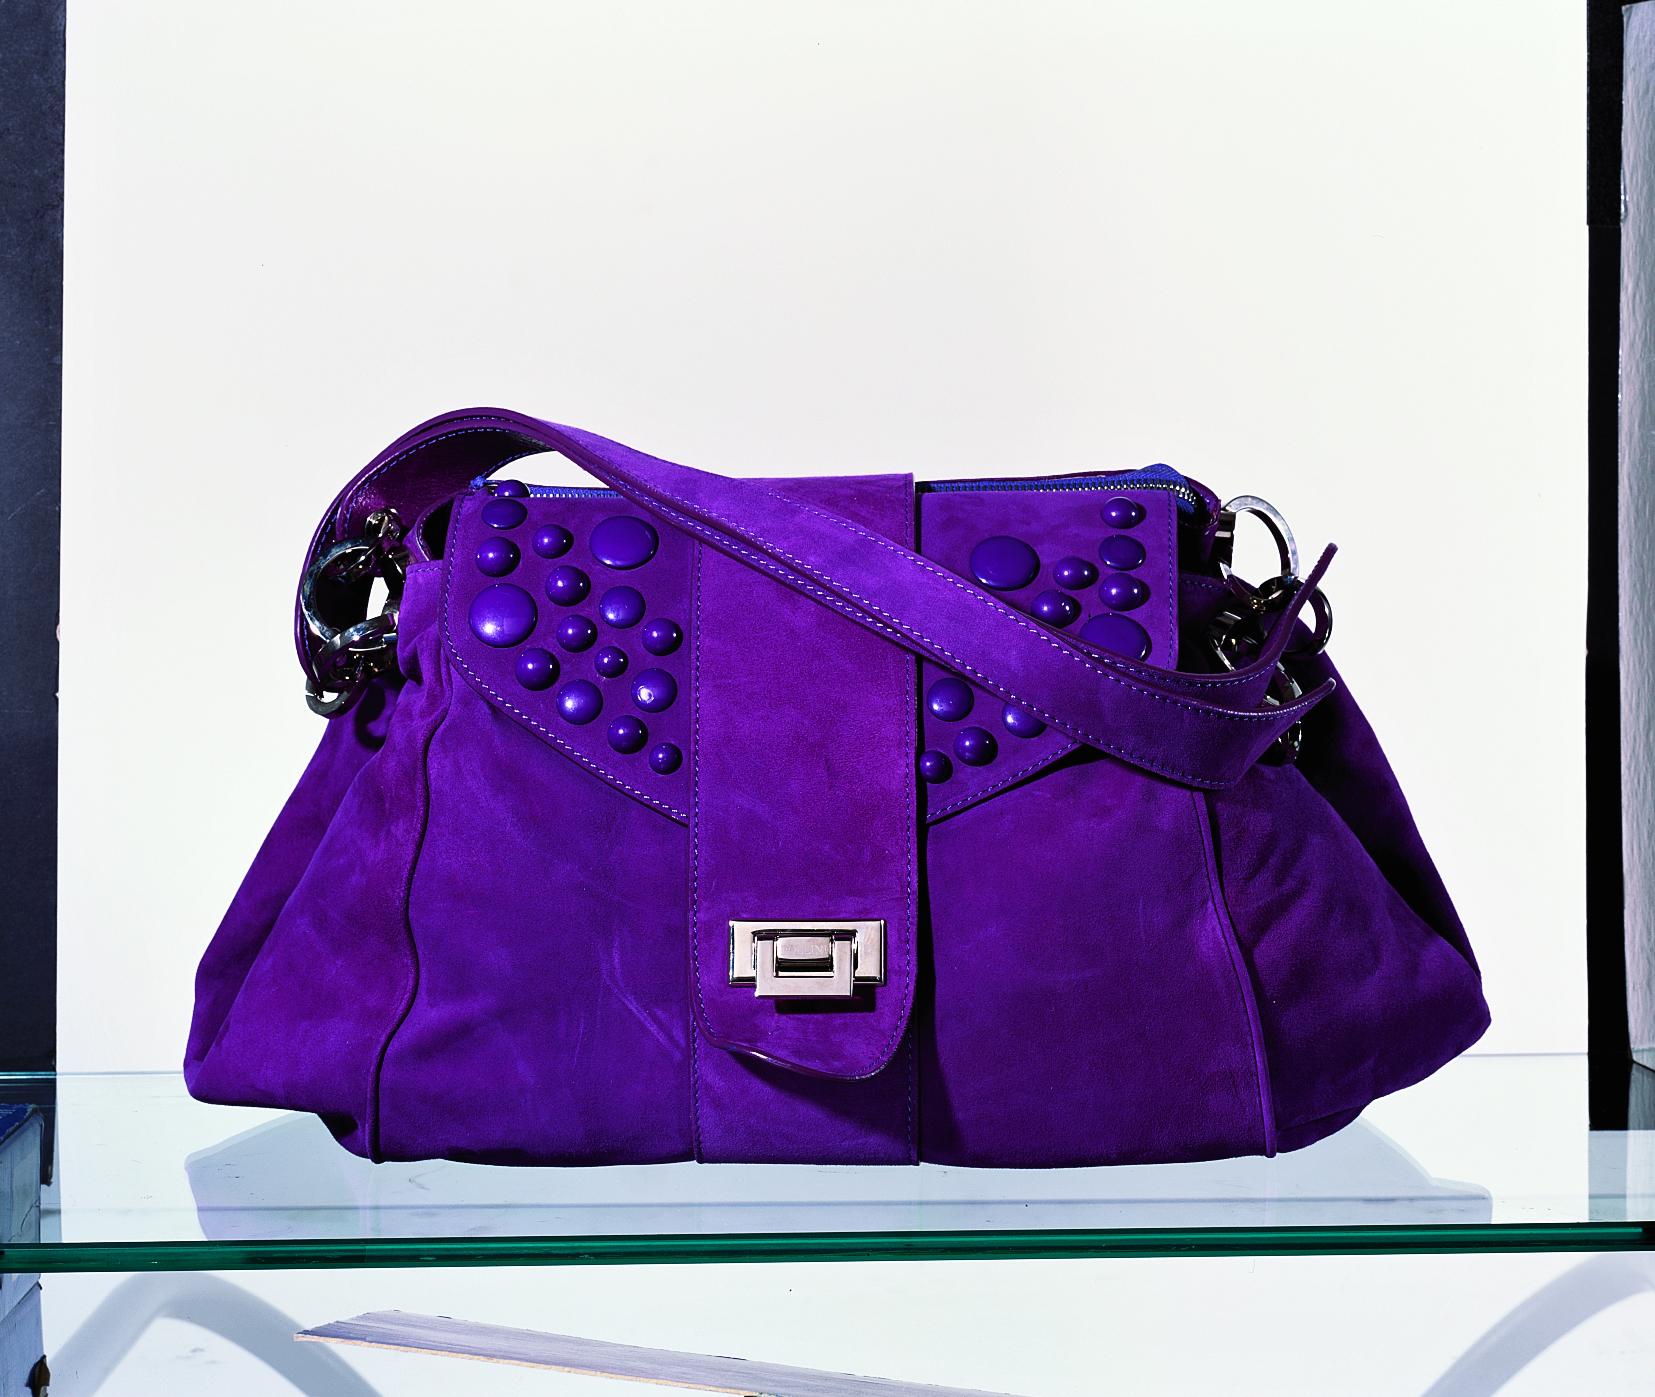 purplebag_before.jpg